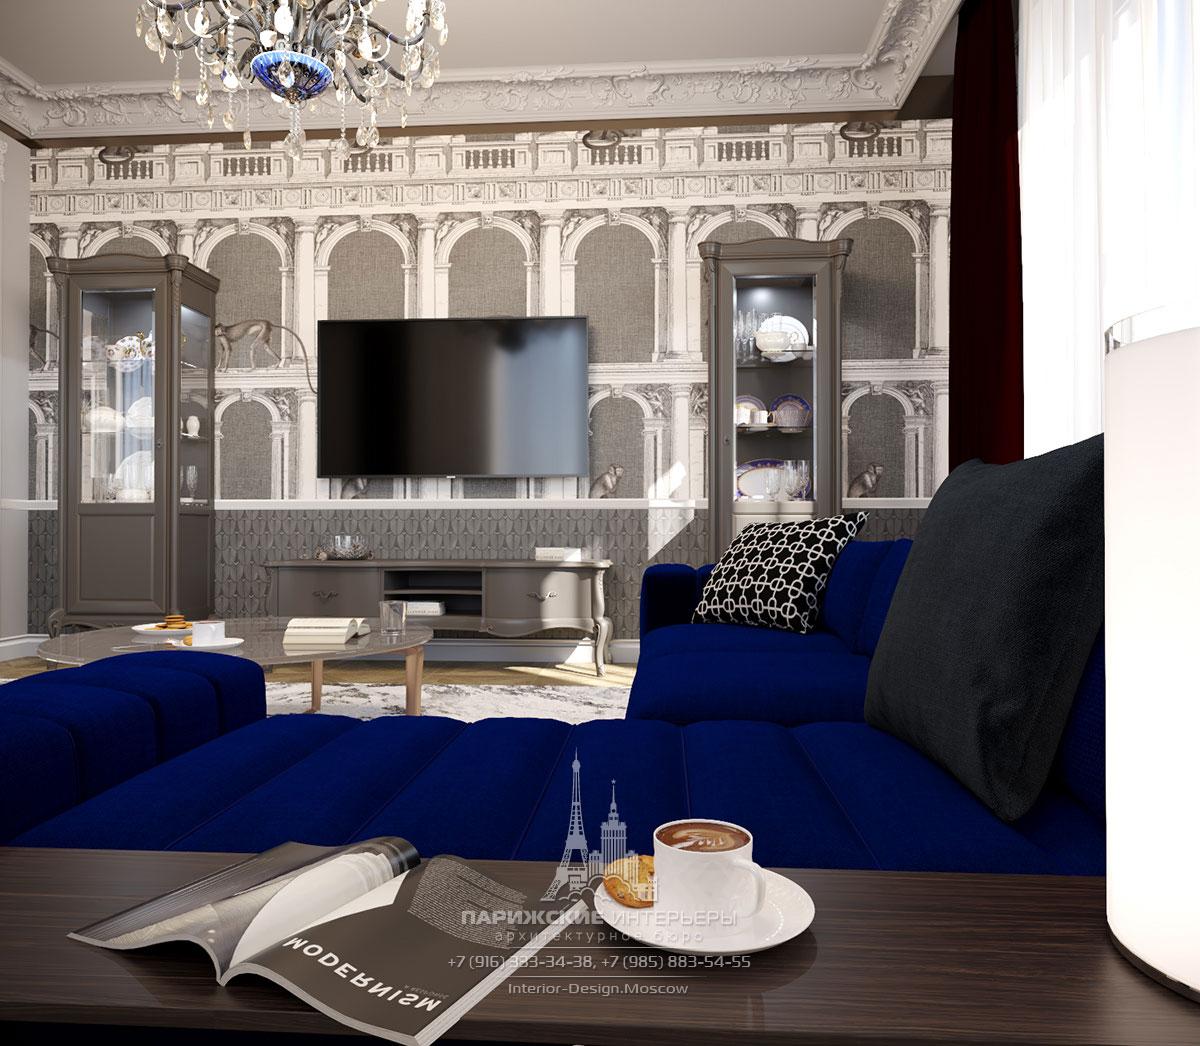 Интерьер загородного дома – гостиная с фреской и парными витринами